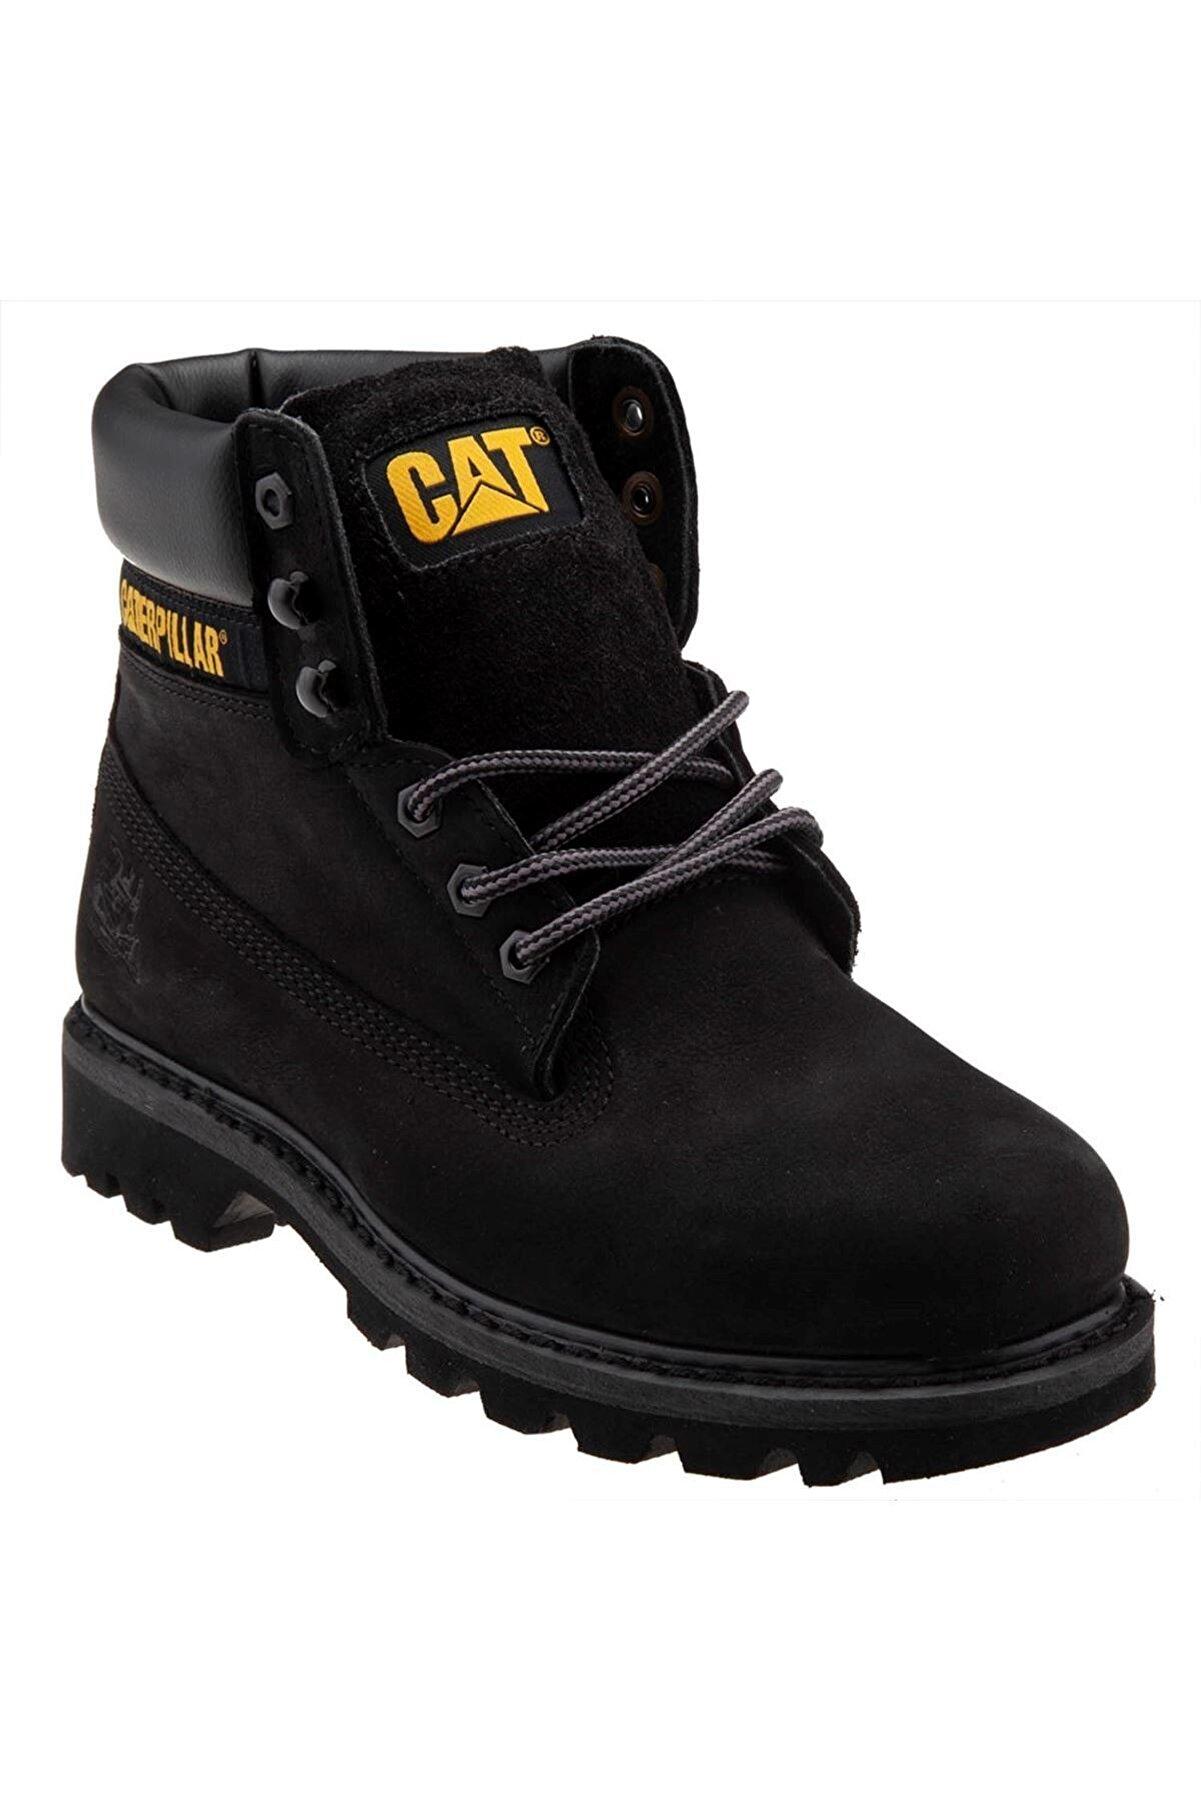 Cat Erkek Siyah Colorado Bot 015m100031